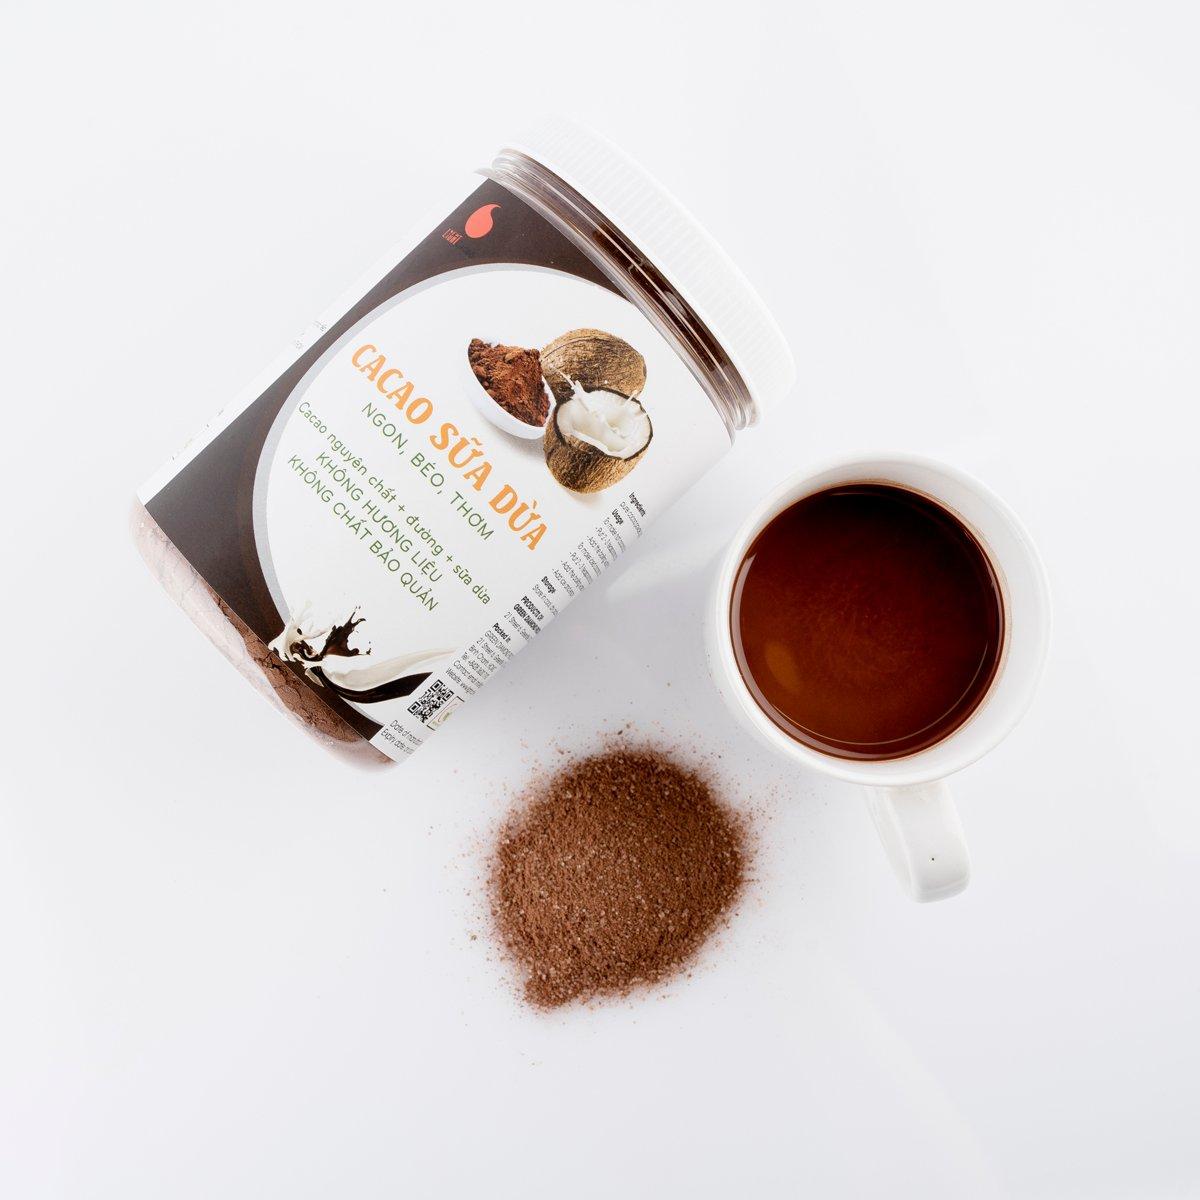 Cacao sữa dừa 3in1 thơm ngon , dạng hũ dễ bảo quản Light Cacao - 230g